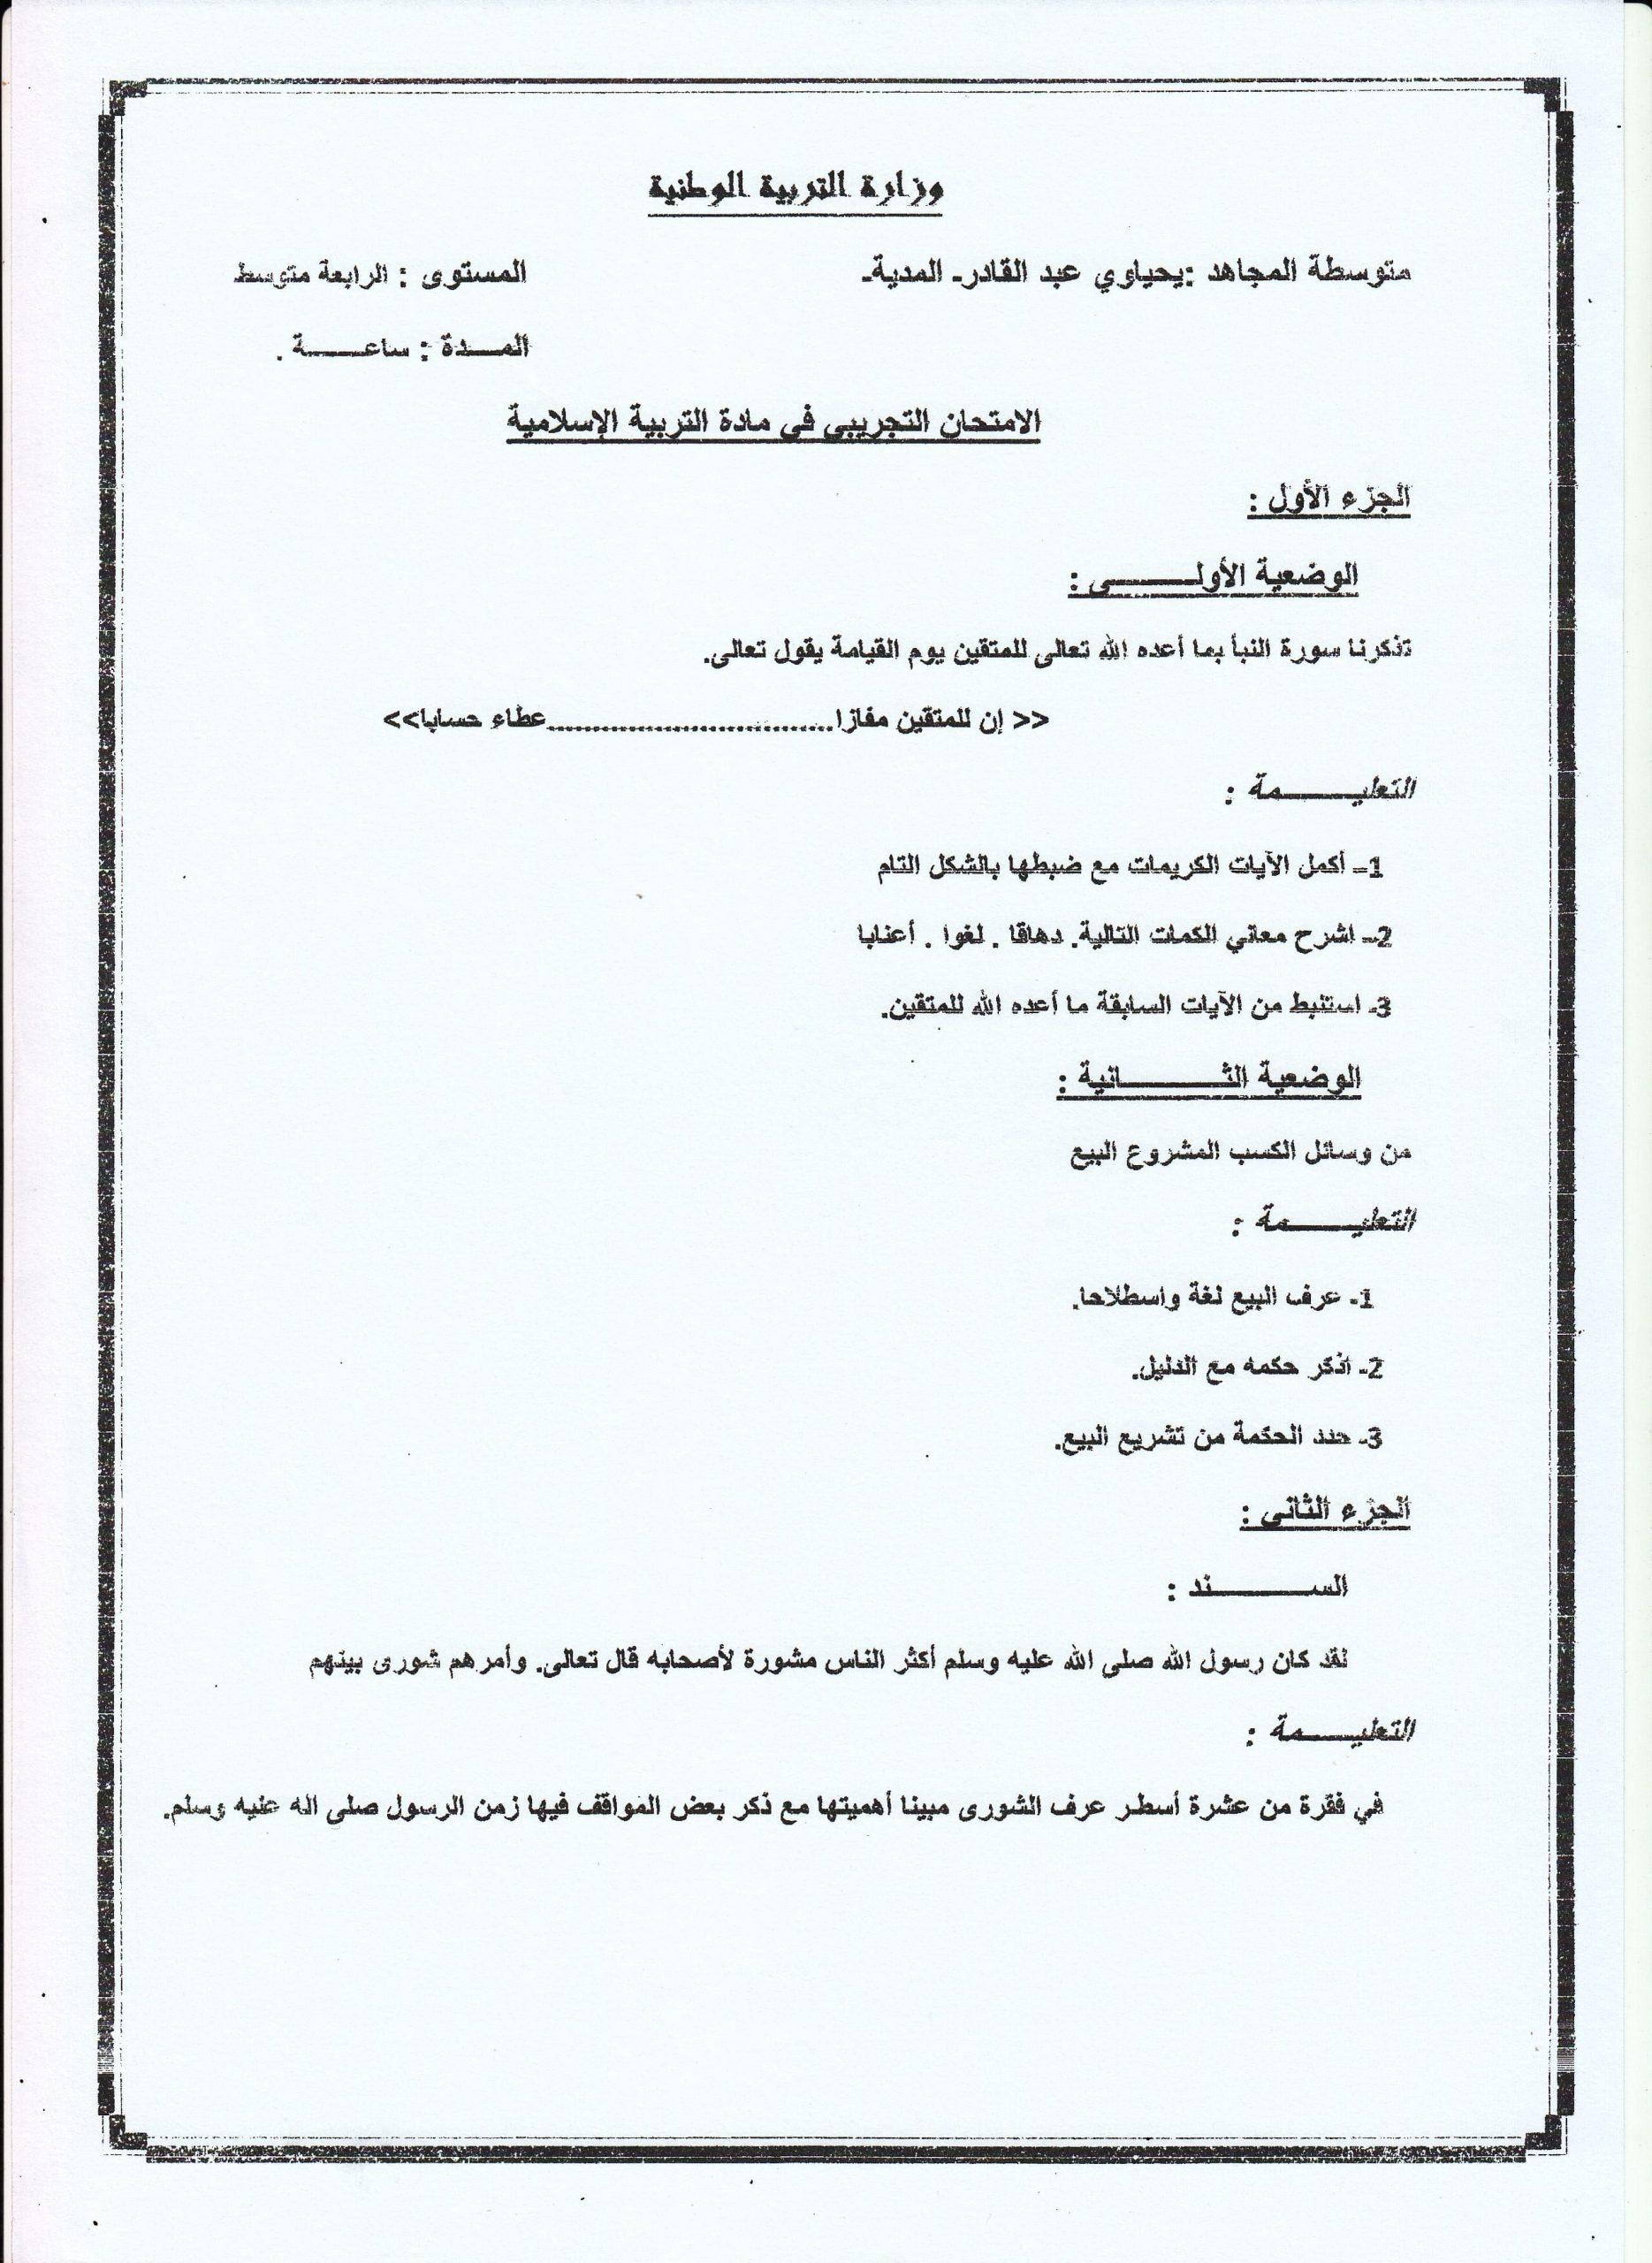 اختبار الفصل الثالث في مادة التربية الاسلامية الرابعة متوسط | الموضوع 01